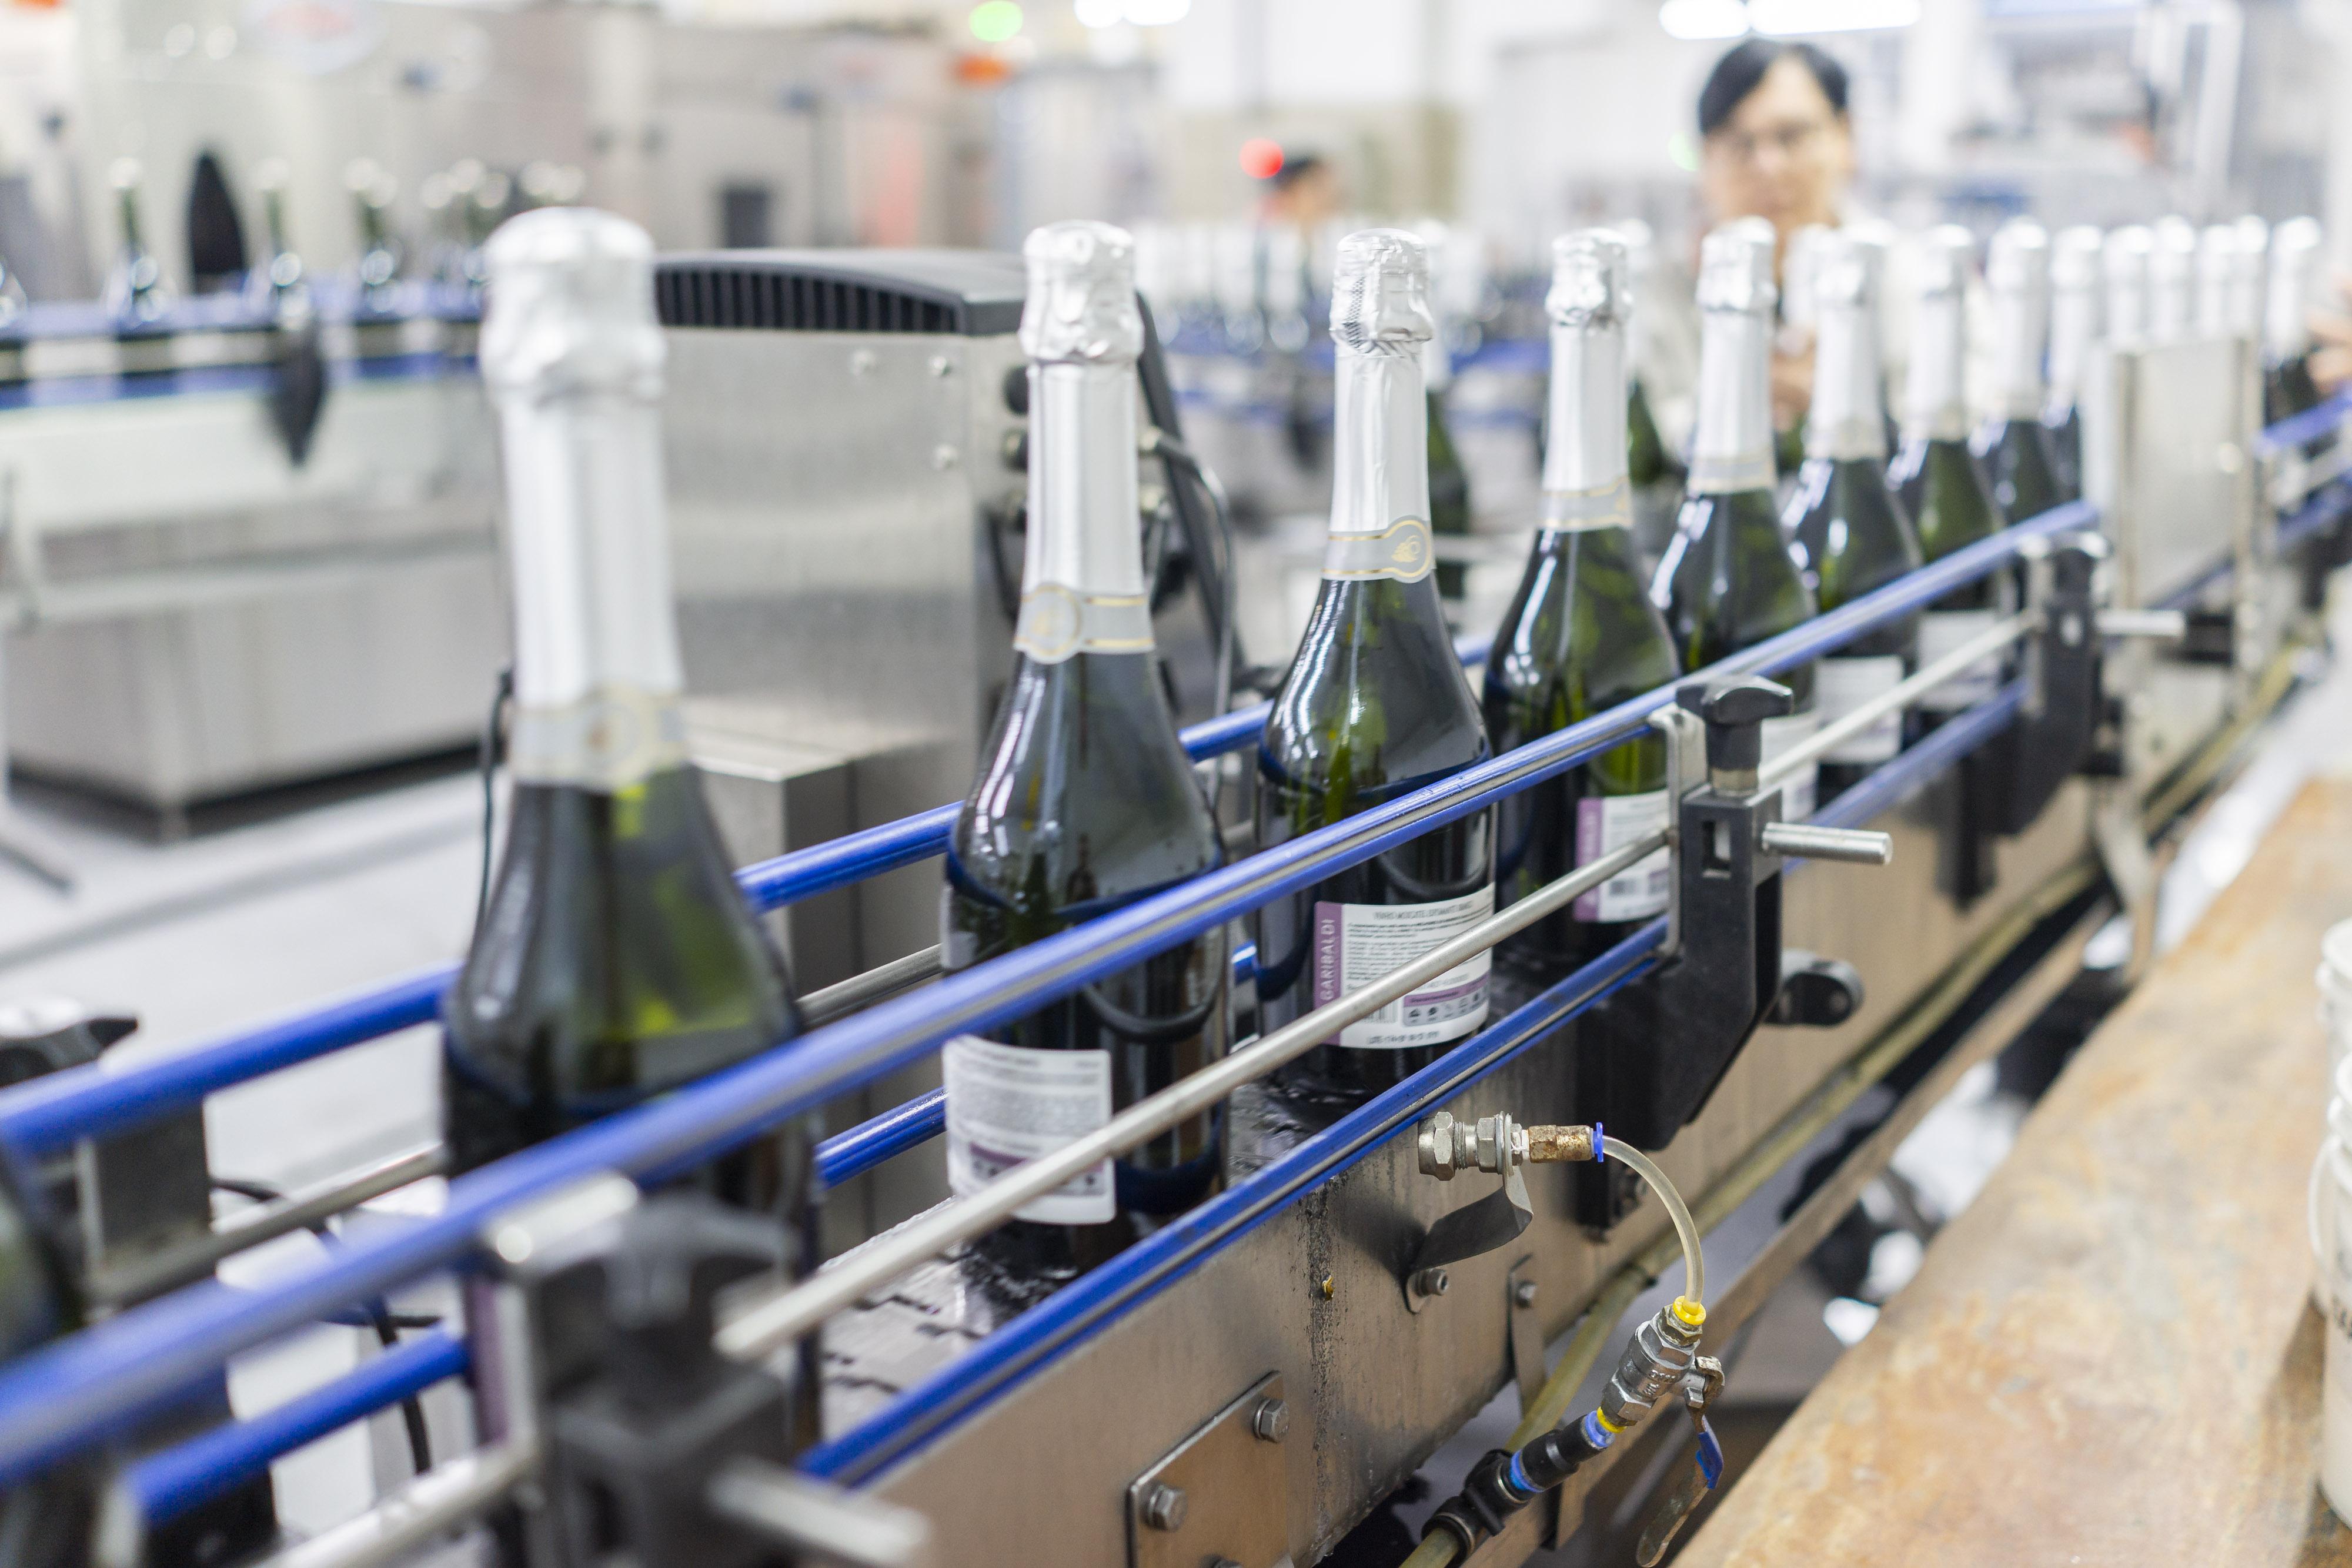 Primeiros produtos da safra 2021 da Cooperativa Vinícola Garibaldi chegam ao mercado